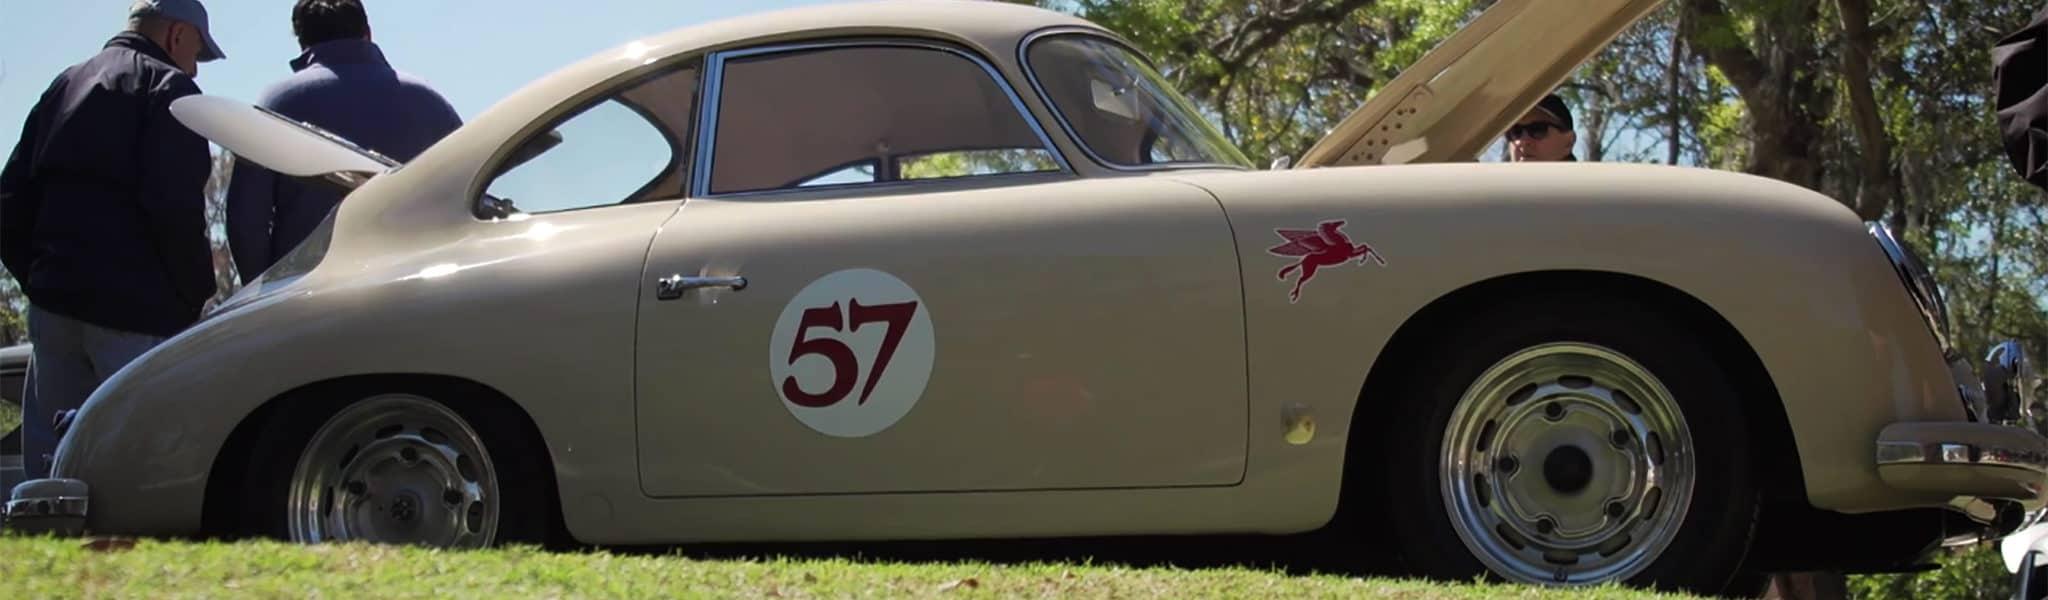 Porsche Club of America Werks Video online